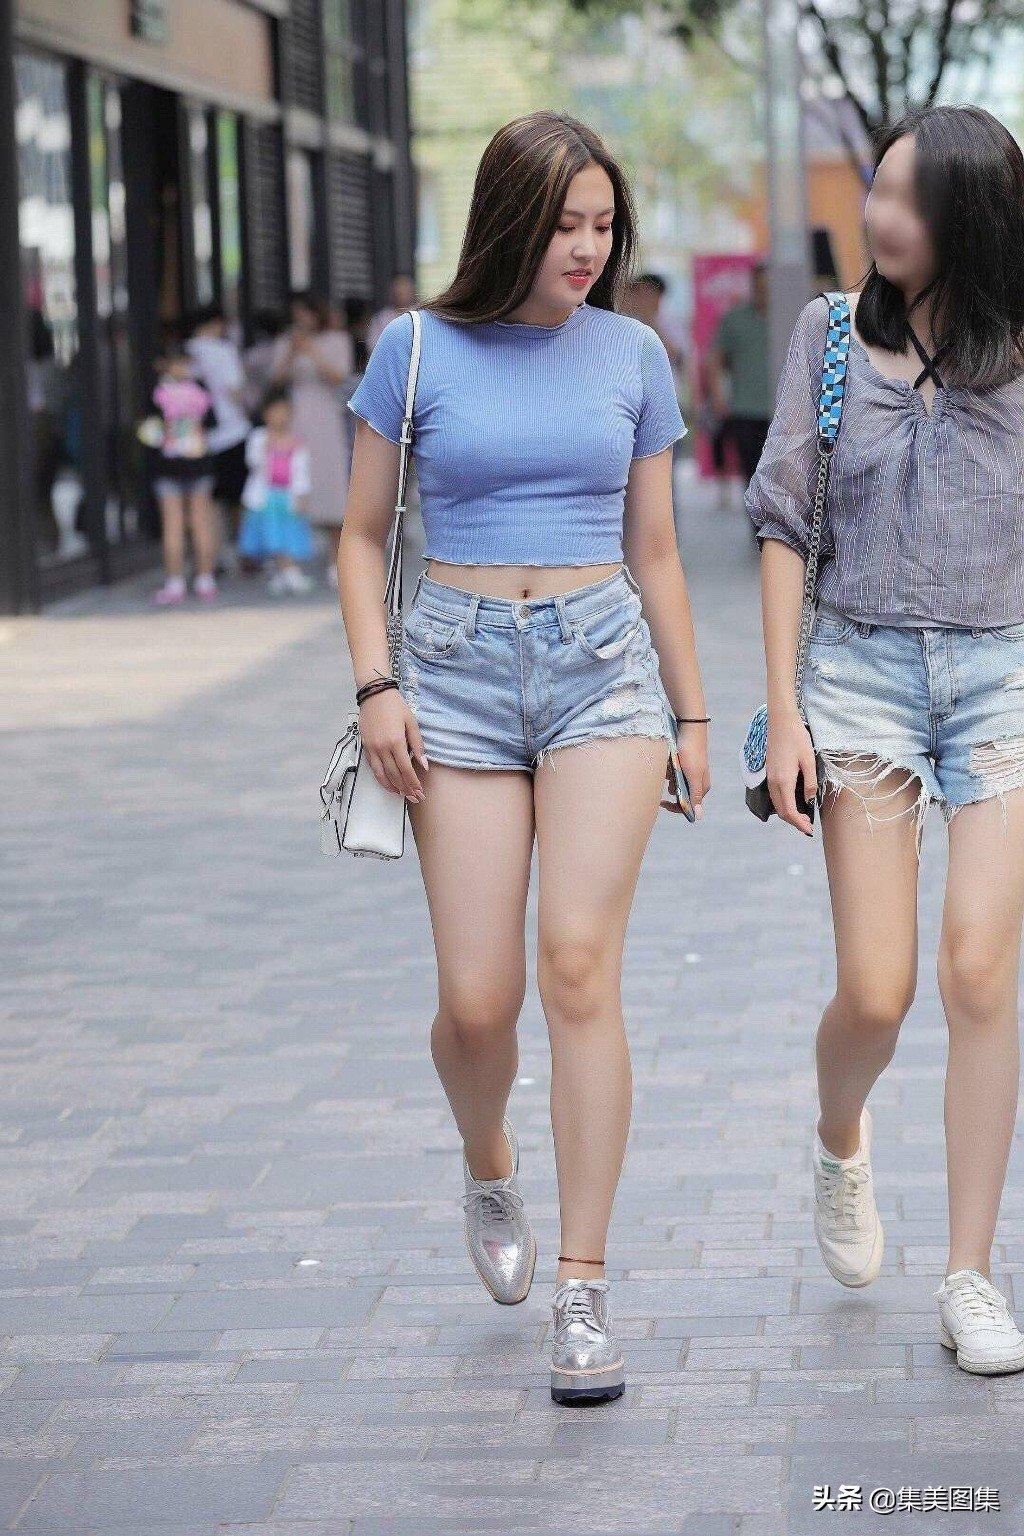 北方乡村美女图:农村大屁股女孩进城逛街图6p